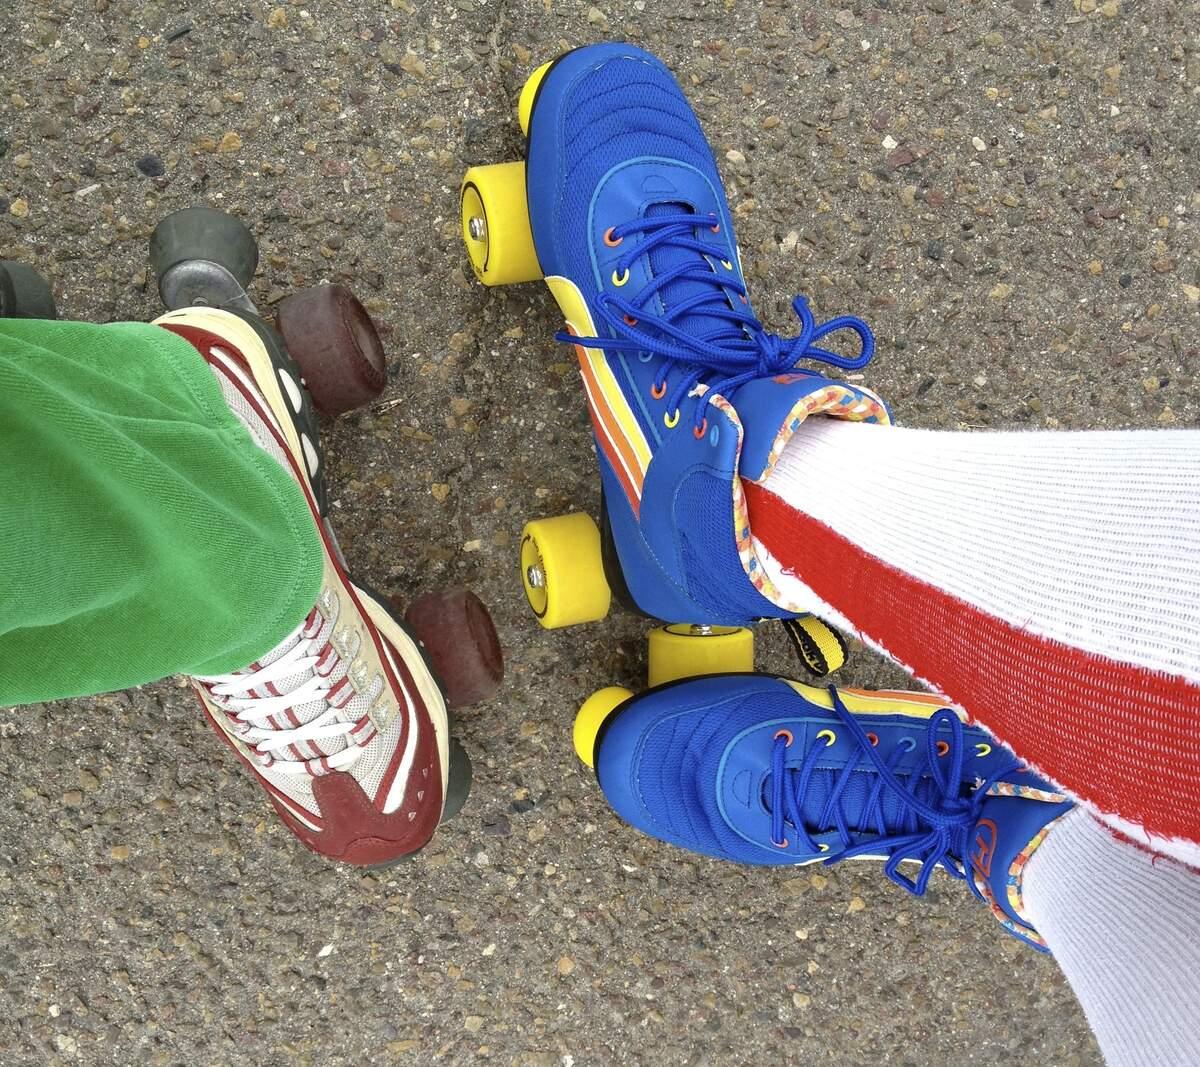 Image for National Roller Skating Month